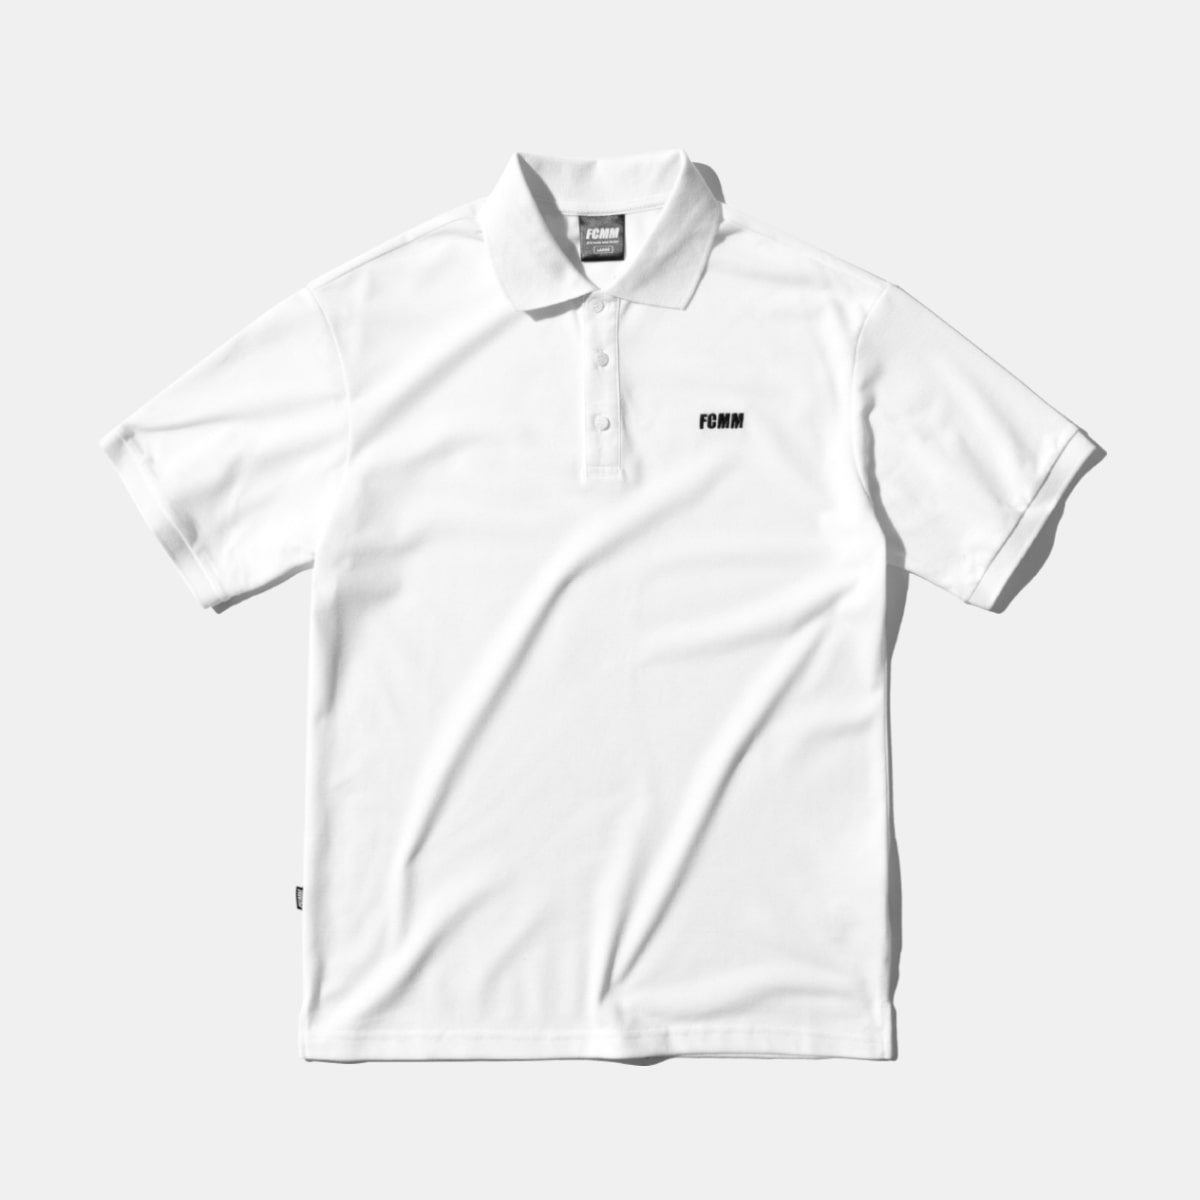 클럽 폴로 티셔츠 - 화이트